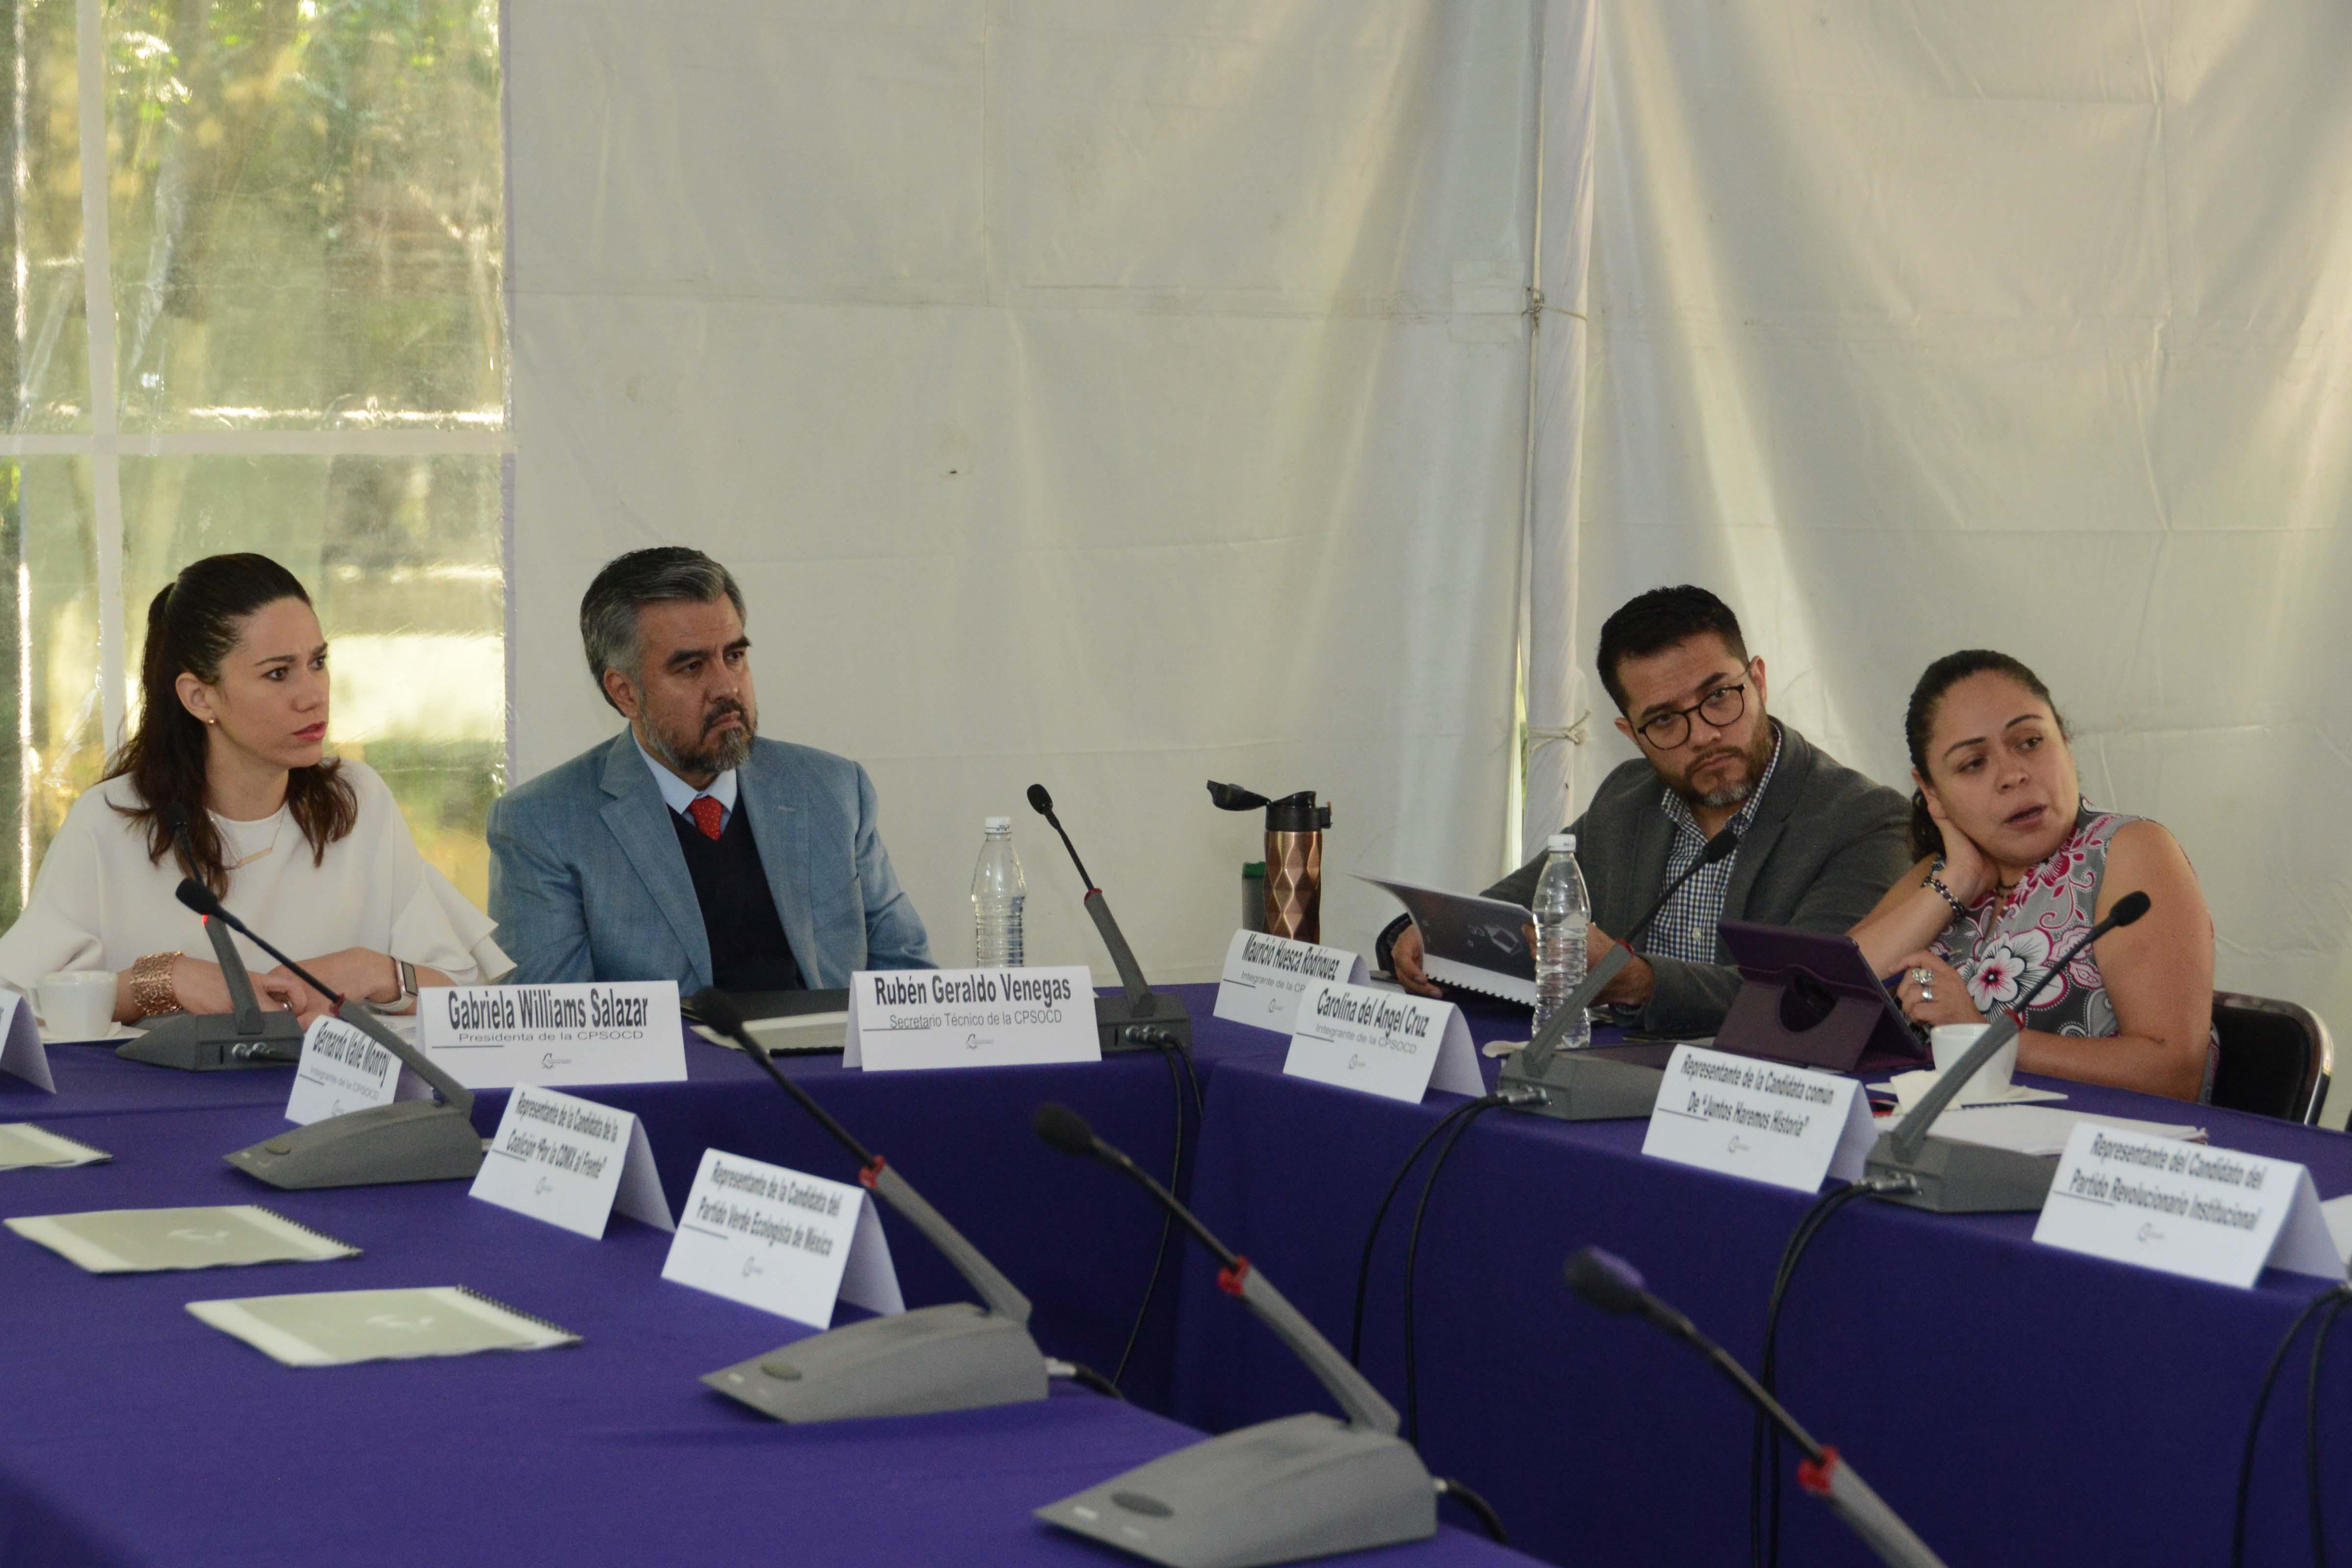 Alcanza 1.7 millones de impresiones encuesta de IECM para segundo debate por la Jefatura de Gobierno